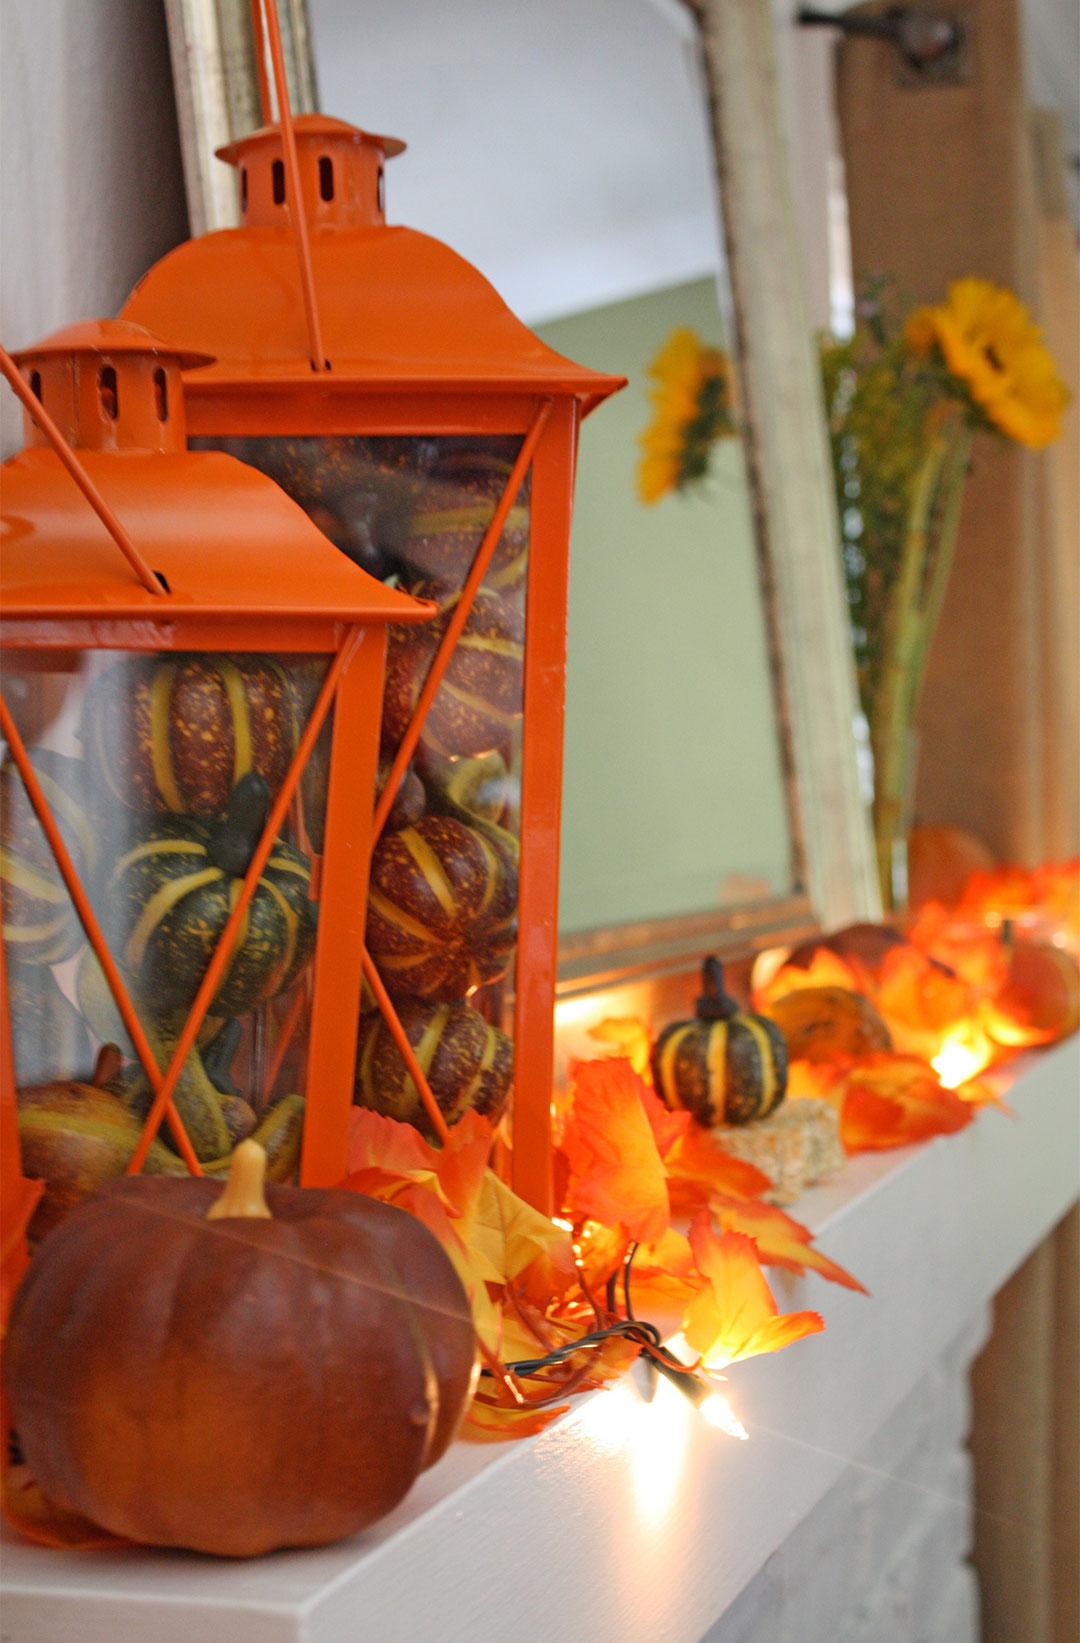 Orange Glow and Lanterns Light this Mantel